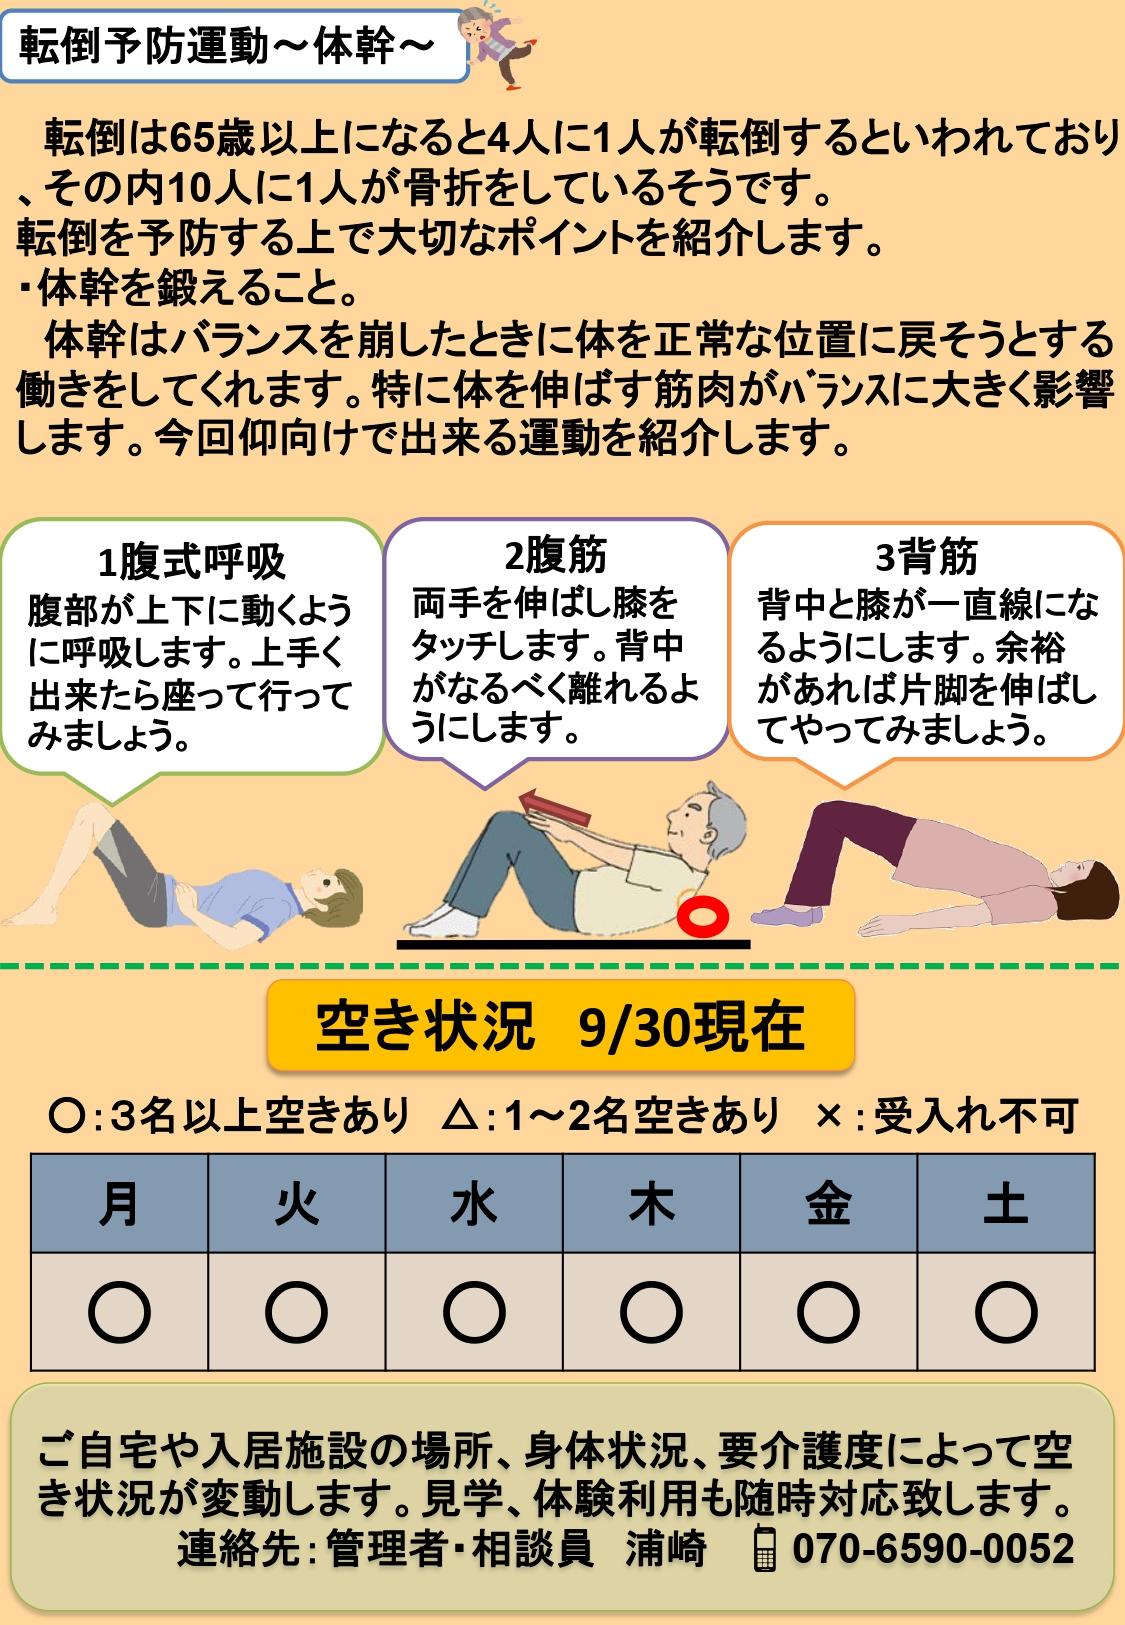 転倒予防運動~体幹~ 転倒は65歳以上になると4人に1人が転倒するといわれており、その内10人に1人が骨折をしているそうです。転倒を予防する上で大切なポイントを紹介します。・体幹を鍛えること。体幹はバランスを崩したときに体を正常な位置に戻そうとする働きをしてくれます。特に体を伸ばす筋肉がバランスに大きく影響します。今回仰向けで出来る運動を紹介します。1腹式呼吸 腹部が上下に動くように呼吸します。上手く出来たら座って行ってみましょう。2腹筋 両手を伸ばし膝をタッチします。背中がなるべく離れるようにします。3背筋 背中と膝が一直線になるようにします。余裕があれば片脚を伸ばしてやってみましょう。空き状況 9/30現在 ○:3名以上空き有り △:1~2名空き有り ✗:受入不可 月○ 火○ 水○ 木○ 金○ 土○ 連絡先:管理者・相談員浦崎 070-6590-0052